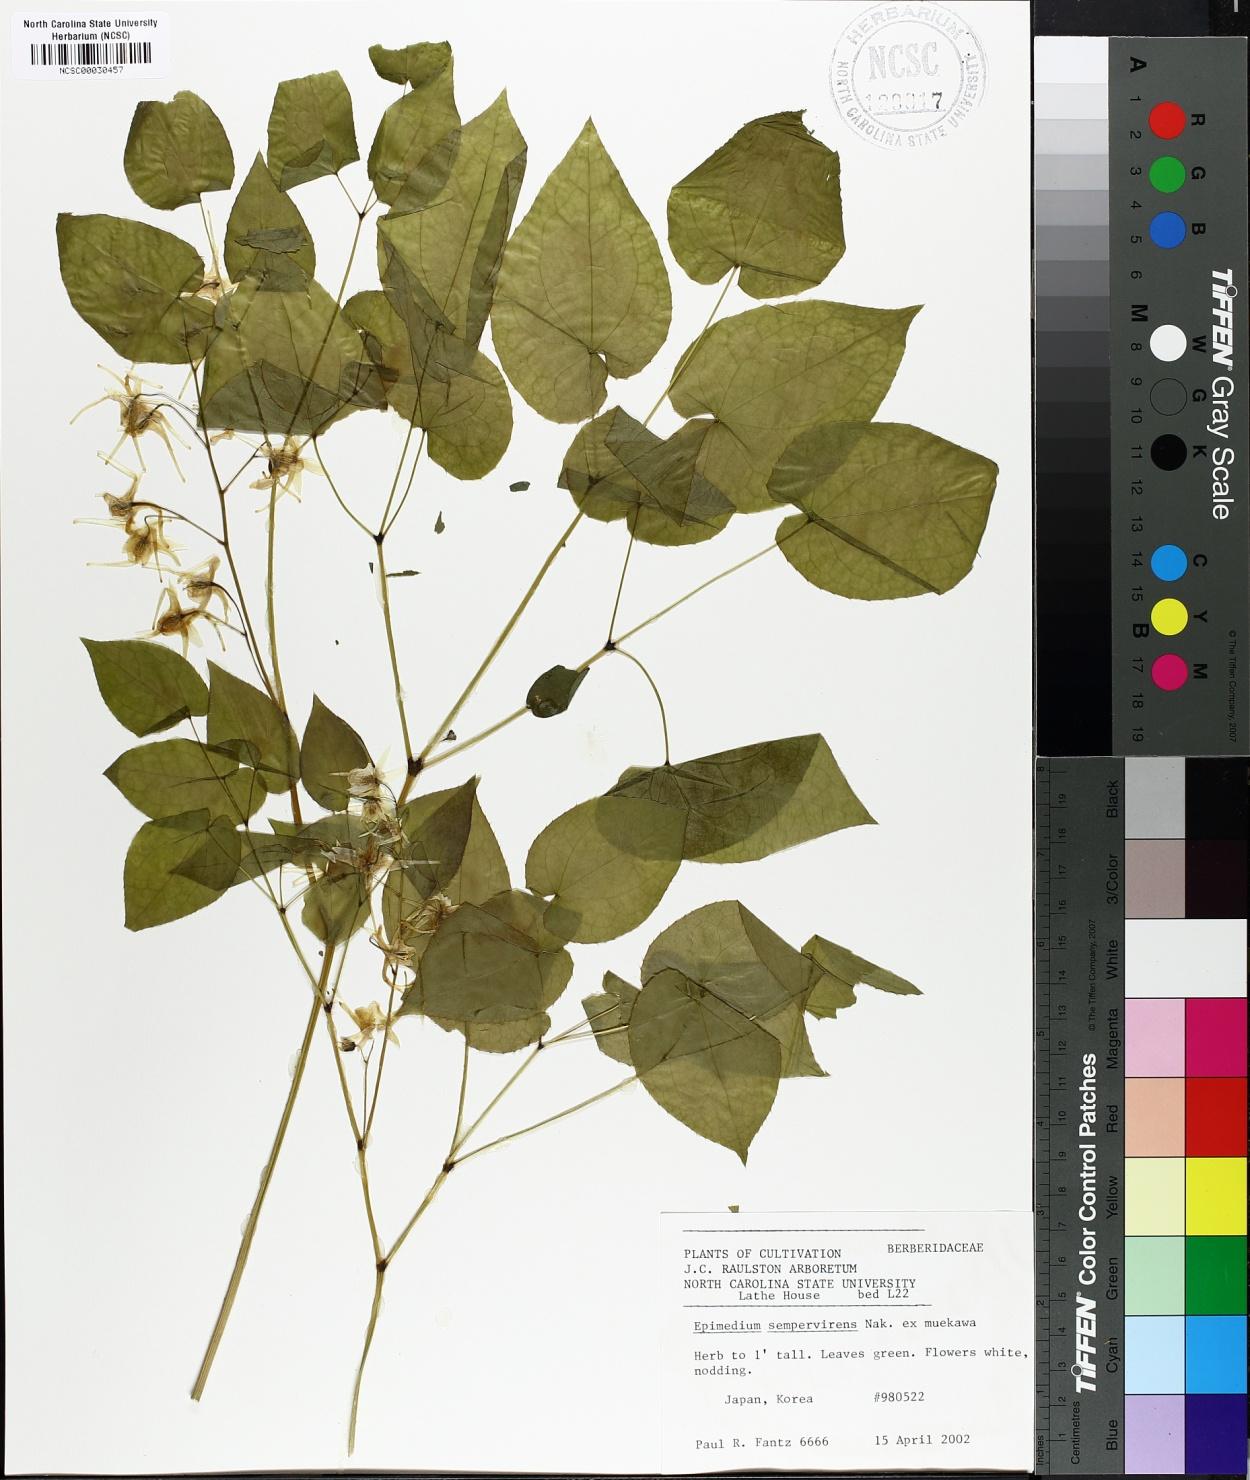 Epimedium sempervirens image